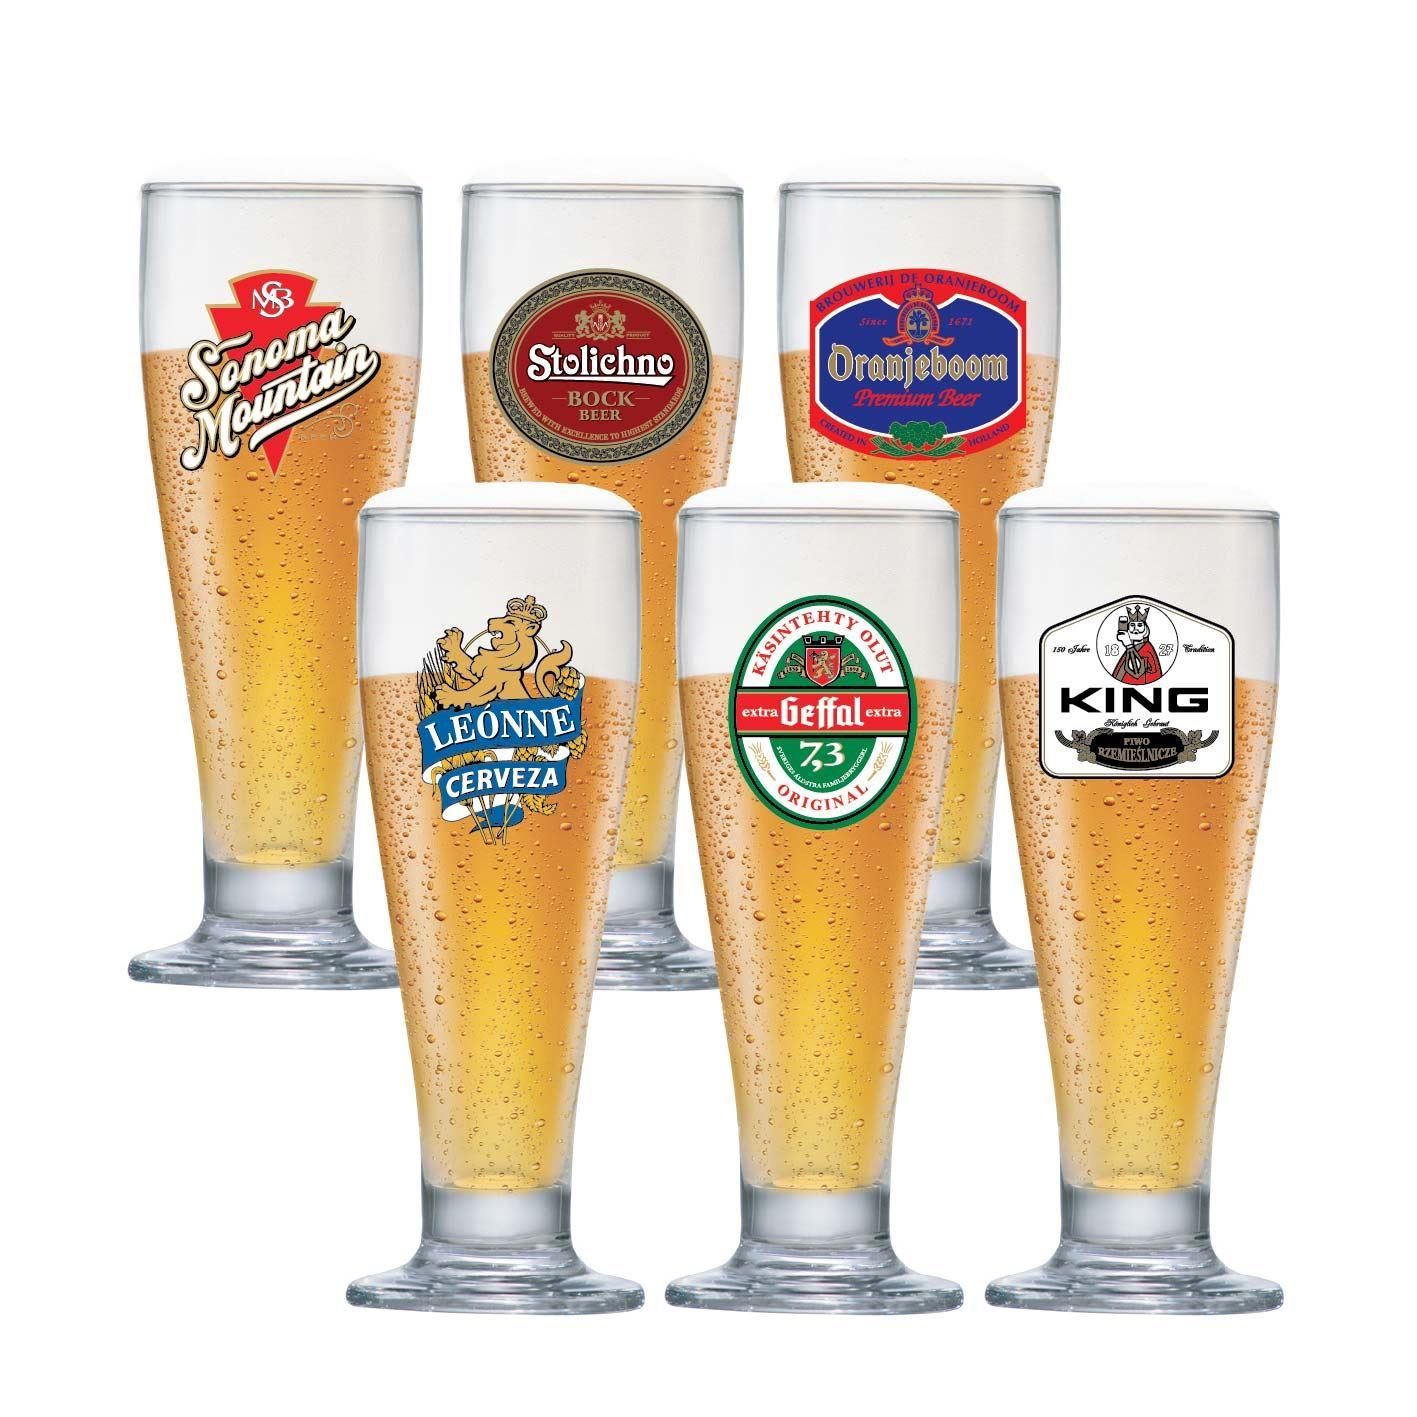 Jogo de Taças para Cerveja Frases Rótulo Tulipa 300ml 6 Pcs